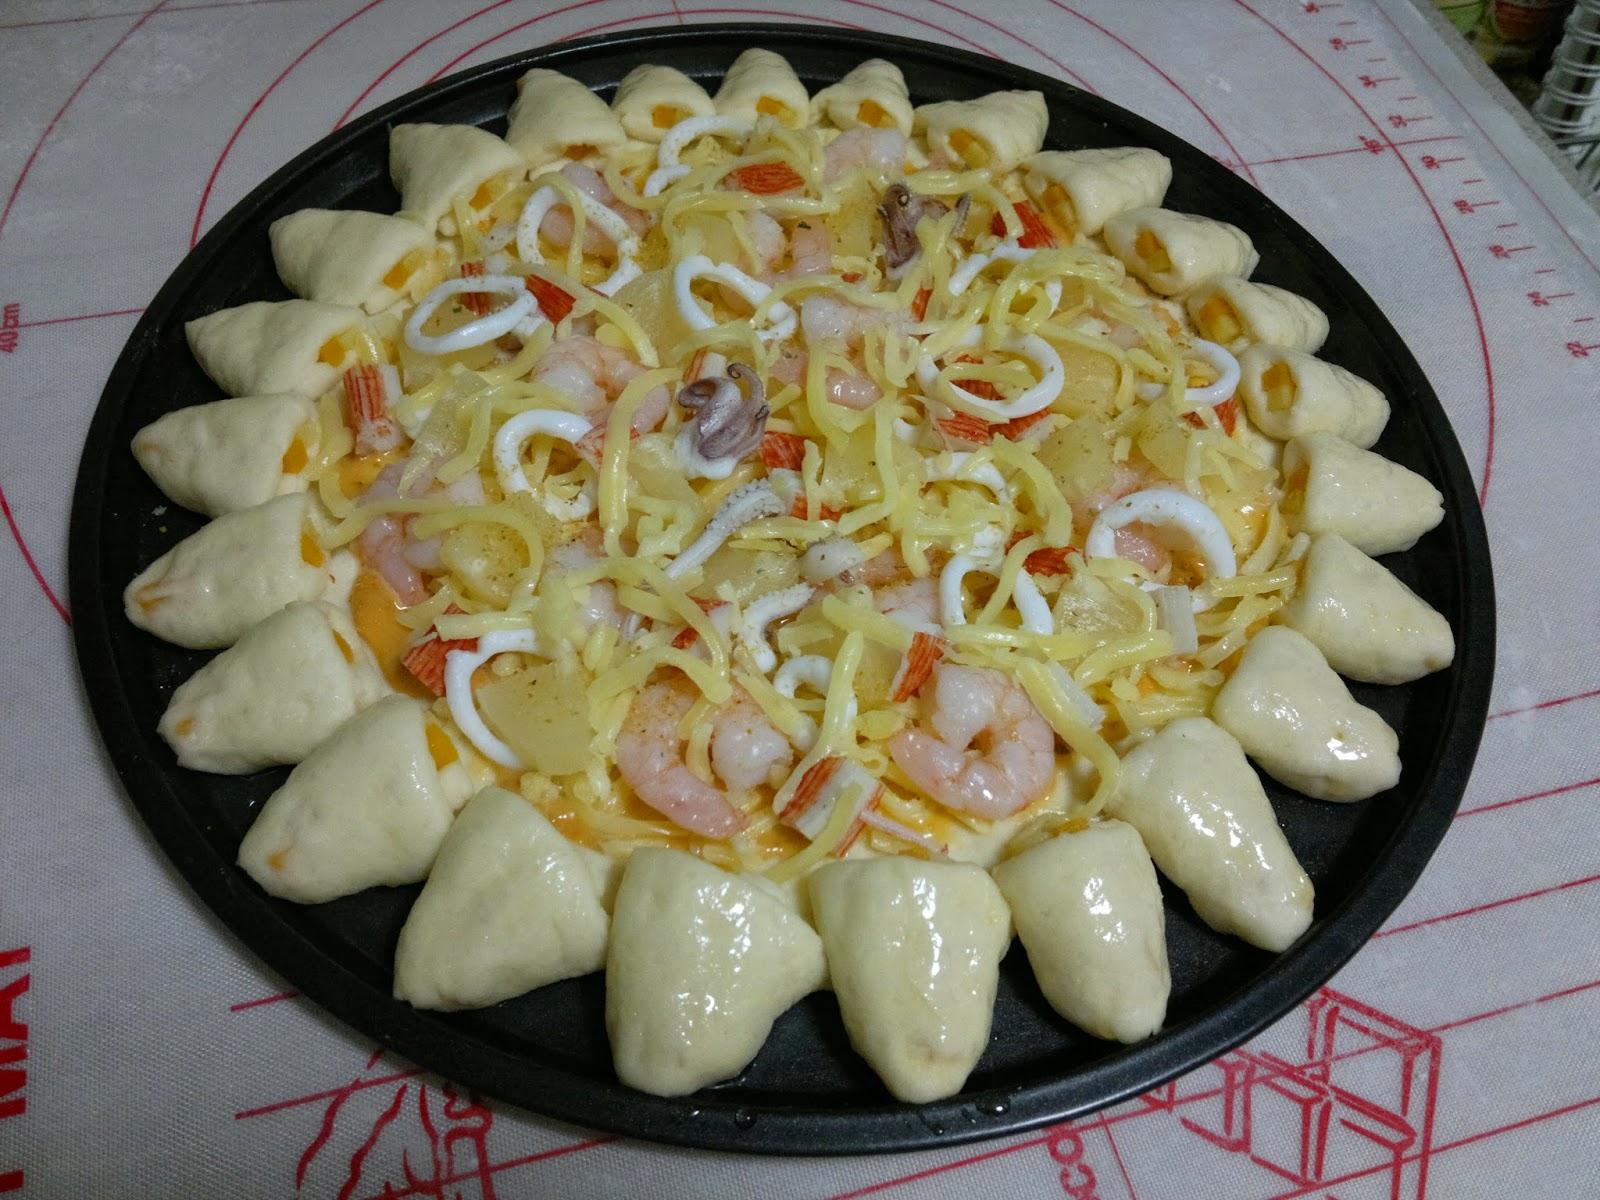 美味食譜-由玲開始: 千島海鮮扭扭批